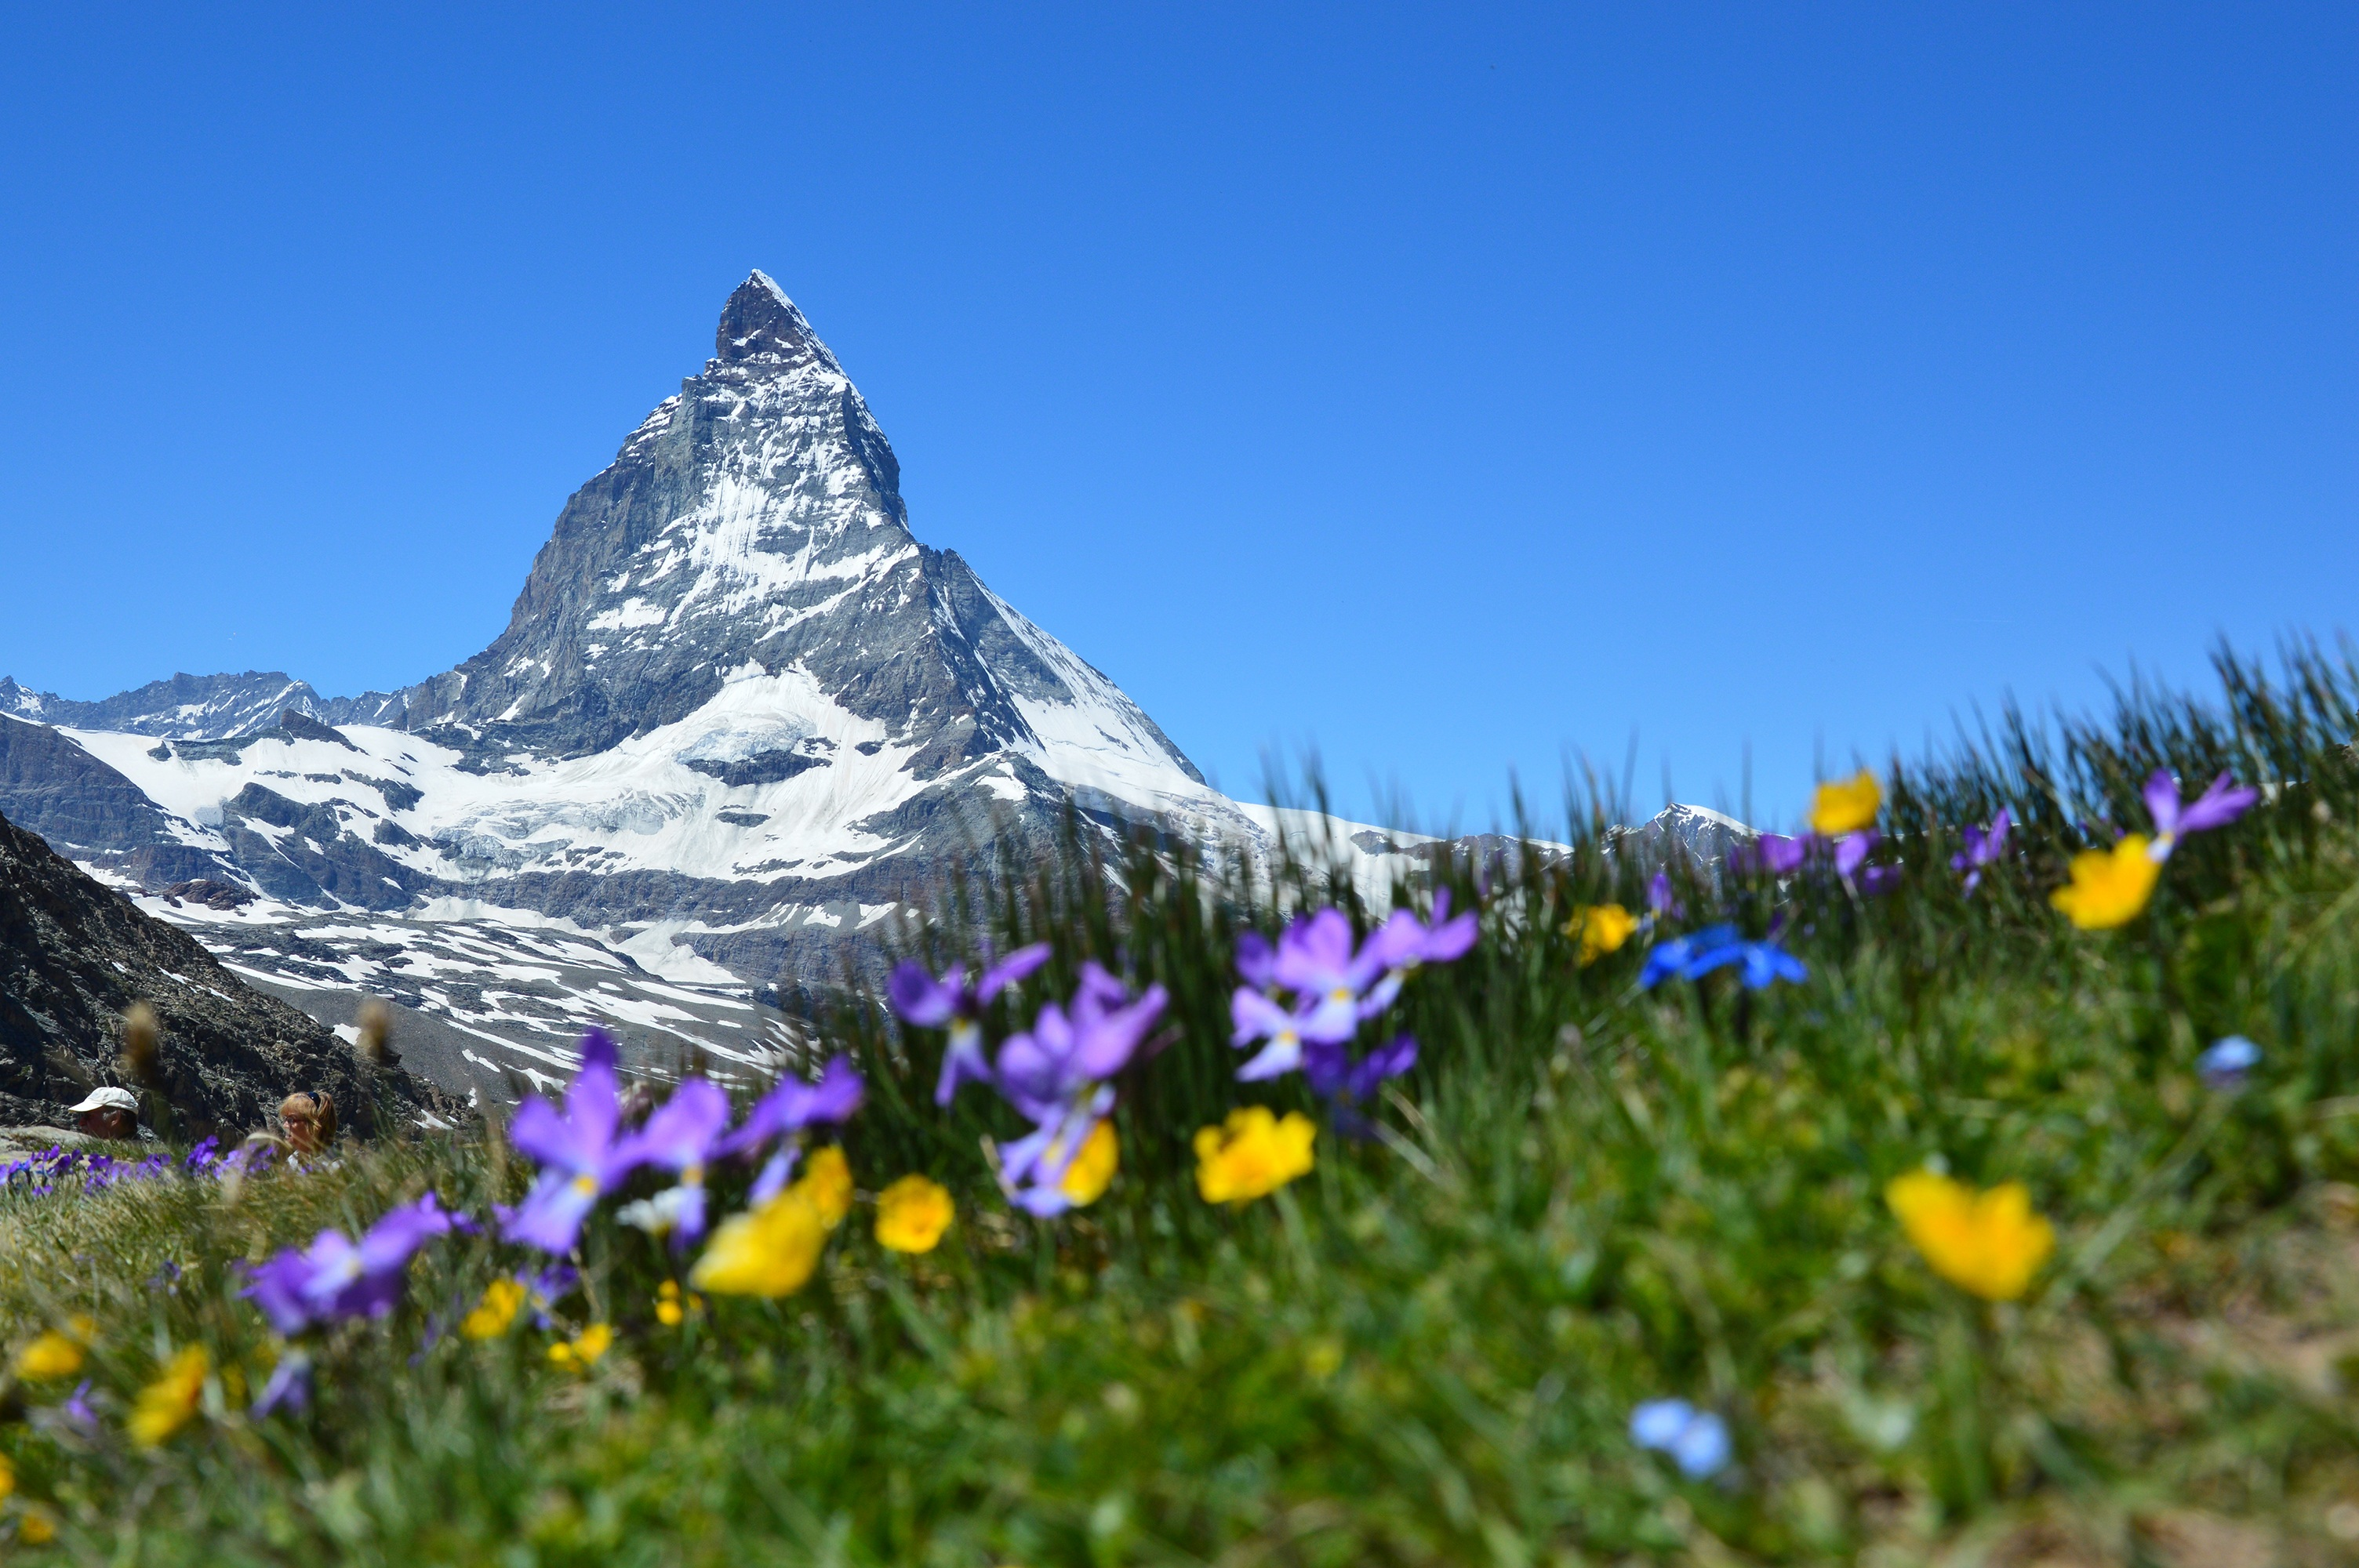 93086 Hintergrundbild herunterladen Mountains, Natur, Alpen, Schweiz, Zermatt, Matterhorn - Bildschirmschoner und Bilder kostenlos